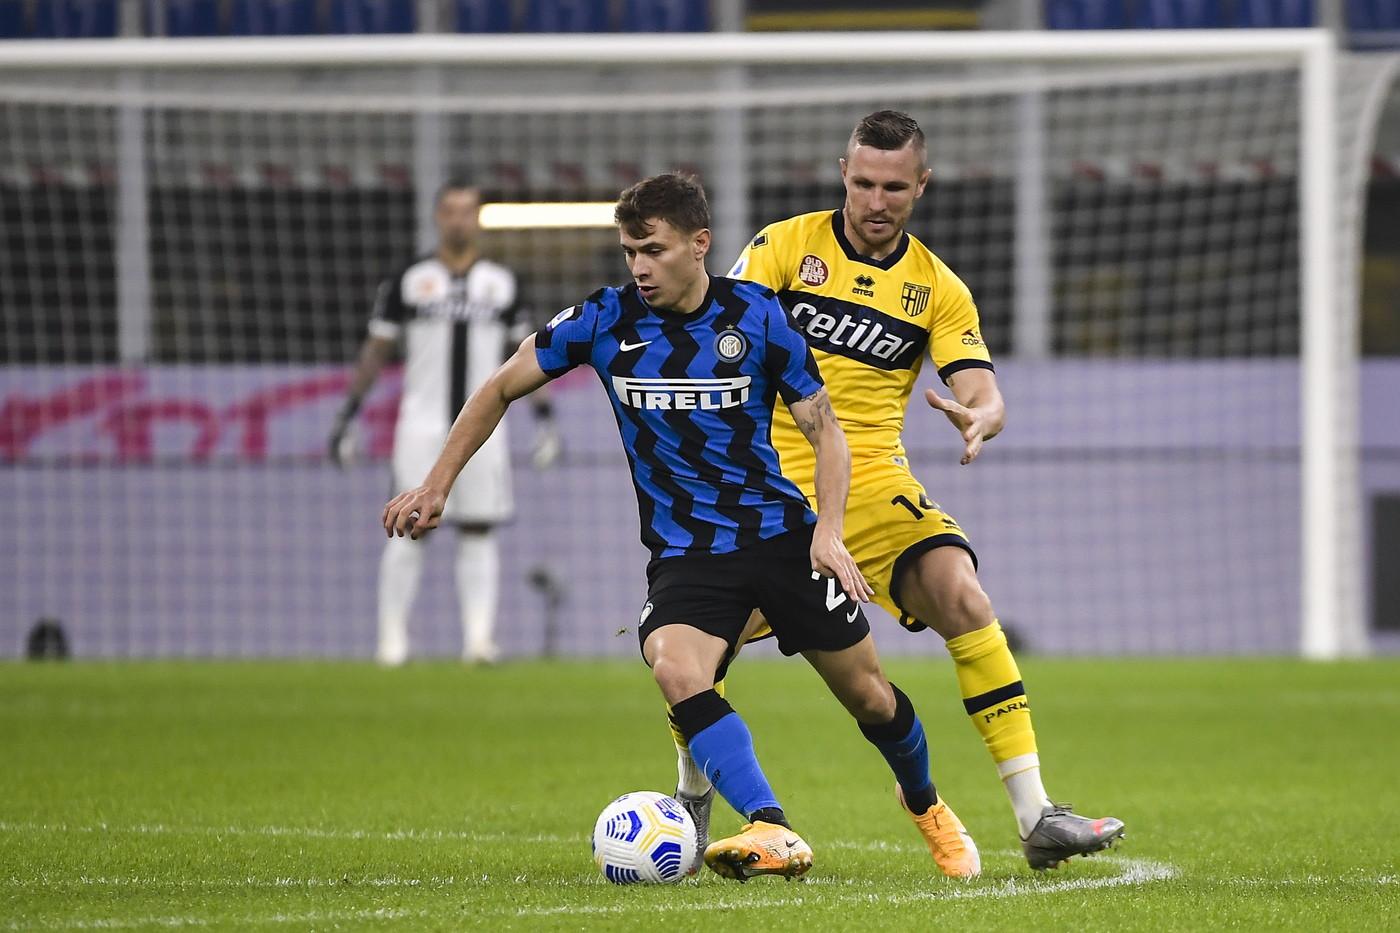 Le immagini della sfida di San Siro tra l&#39;Inter di Conte e il Parma di Liverani<br /><br />